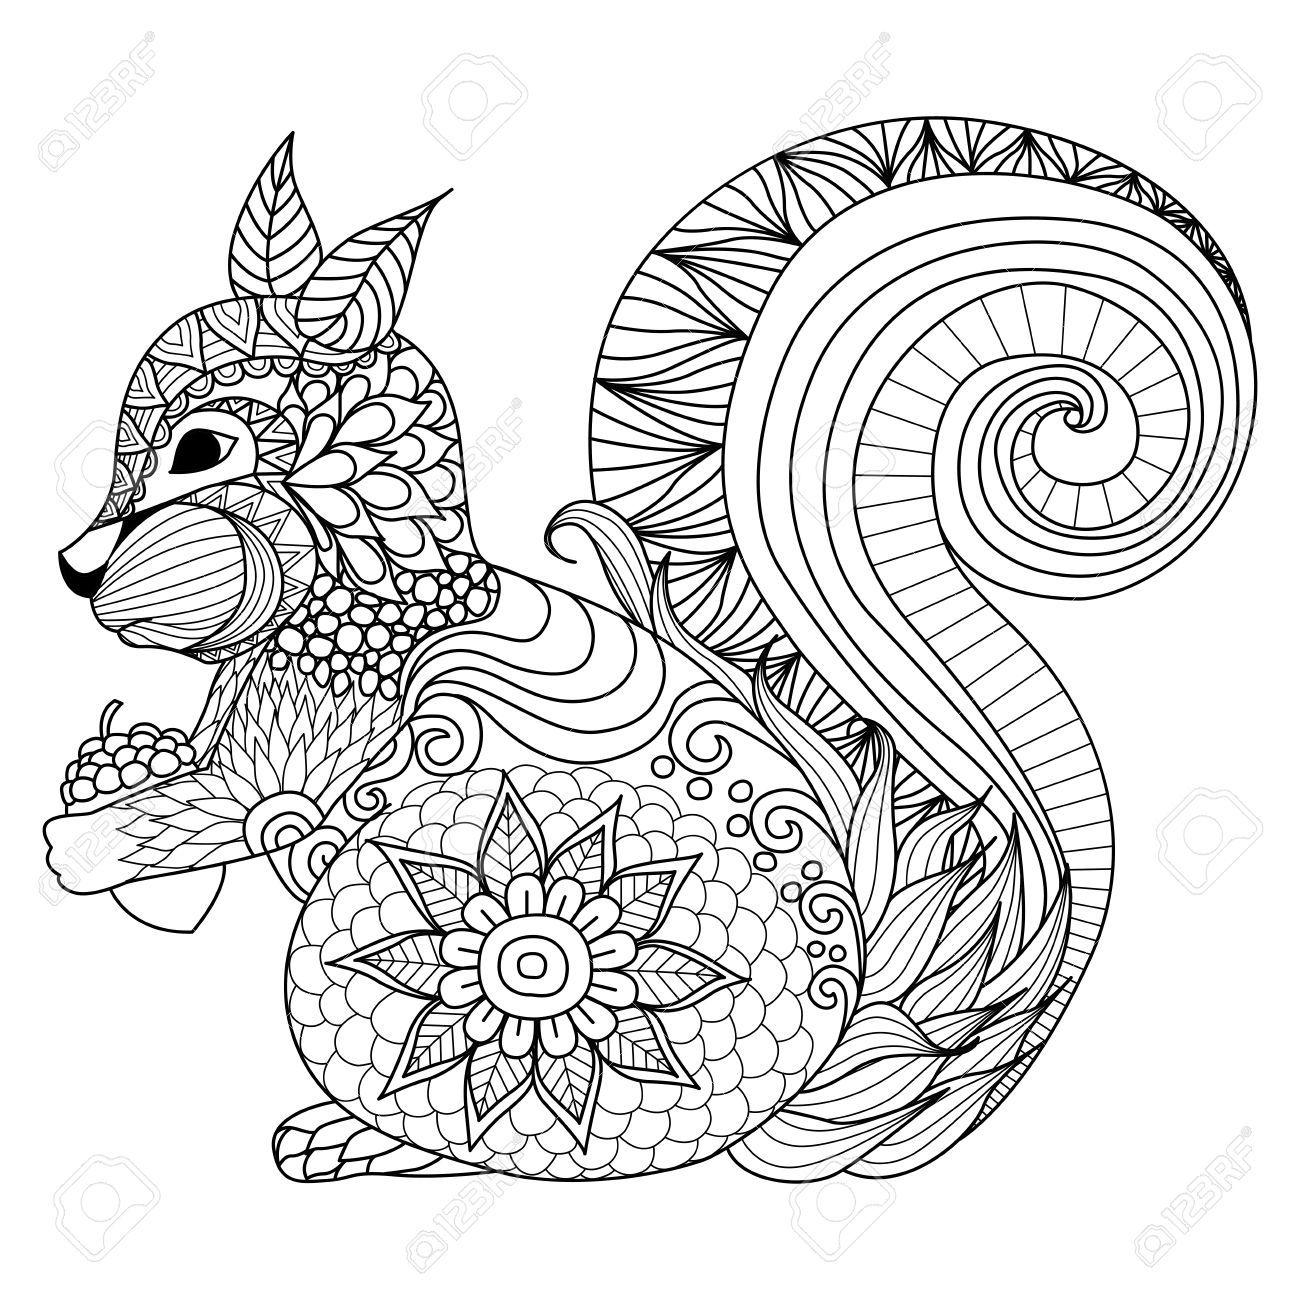 Afficher l 39 image d 39 origine ecureuil 1 pinterest images coloriage et cureuil - Coloriage d ecureuil ...